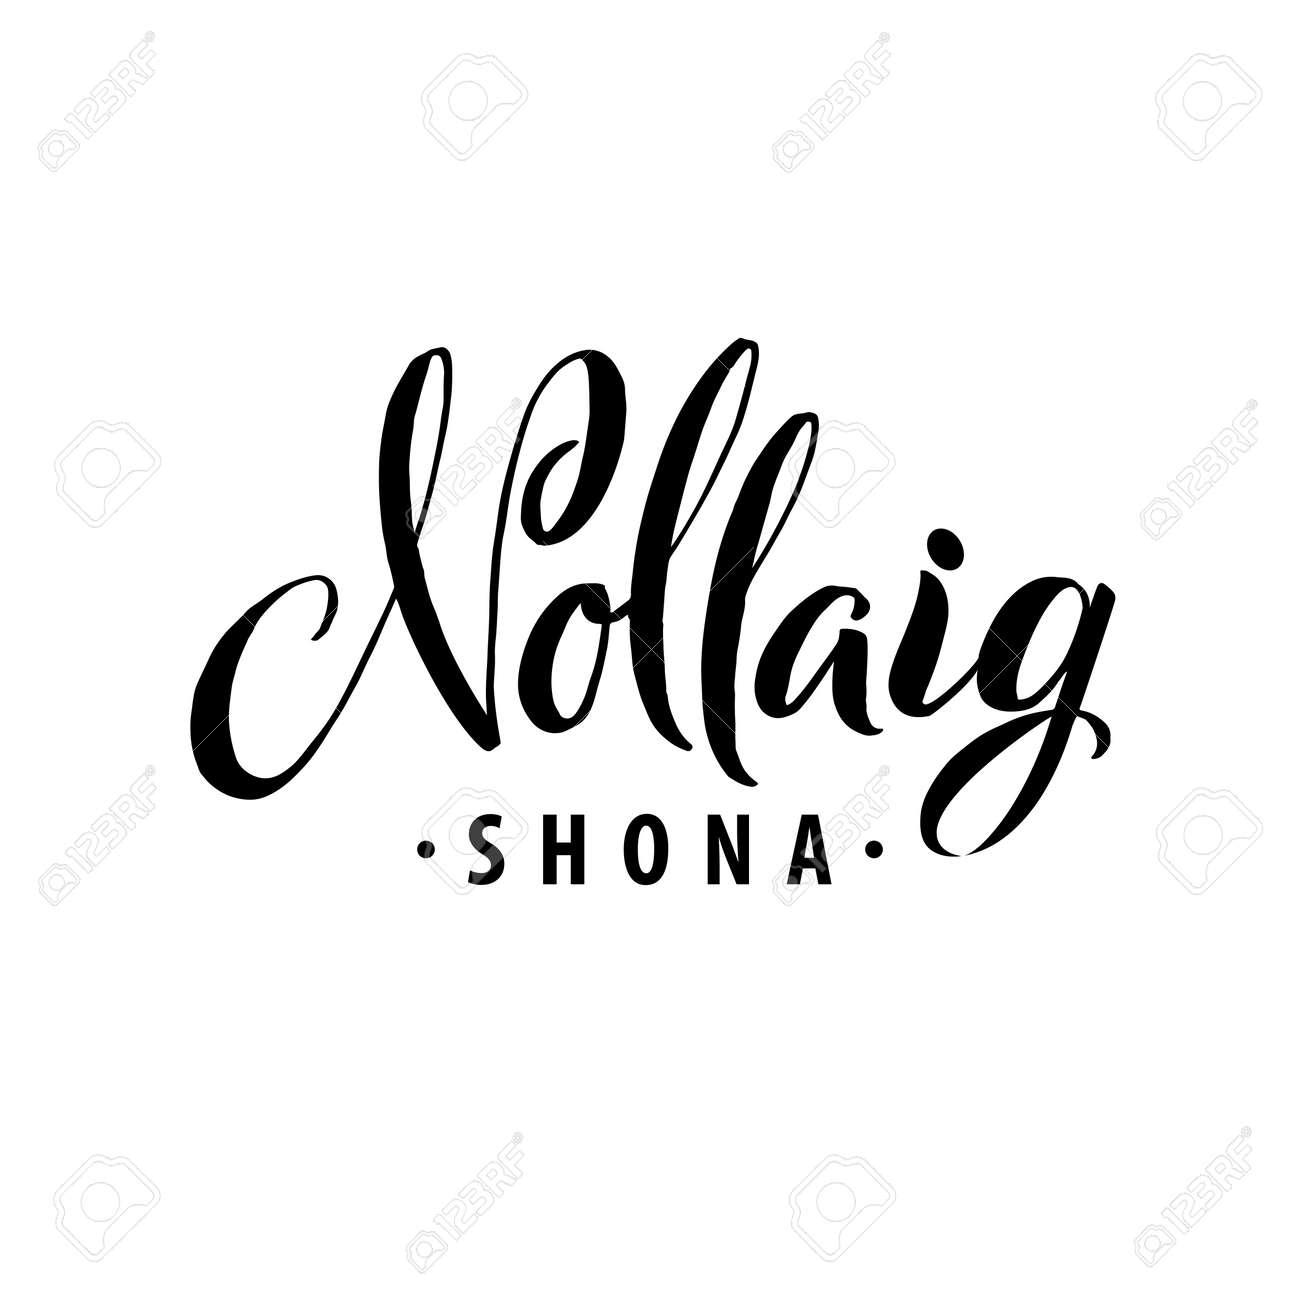 Merry Christmas In Irish.Nollaig Shona Merry Christmas Calligraphy Template In Irish